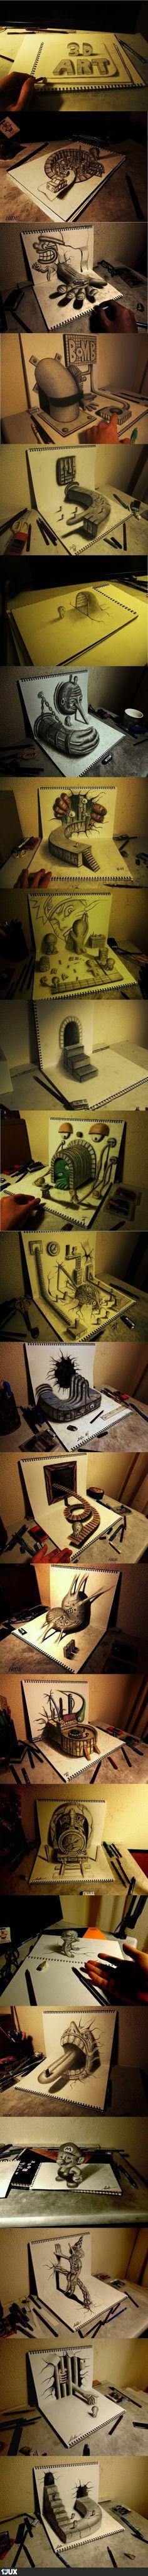 Unglaubliche 3D Kunst